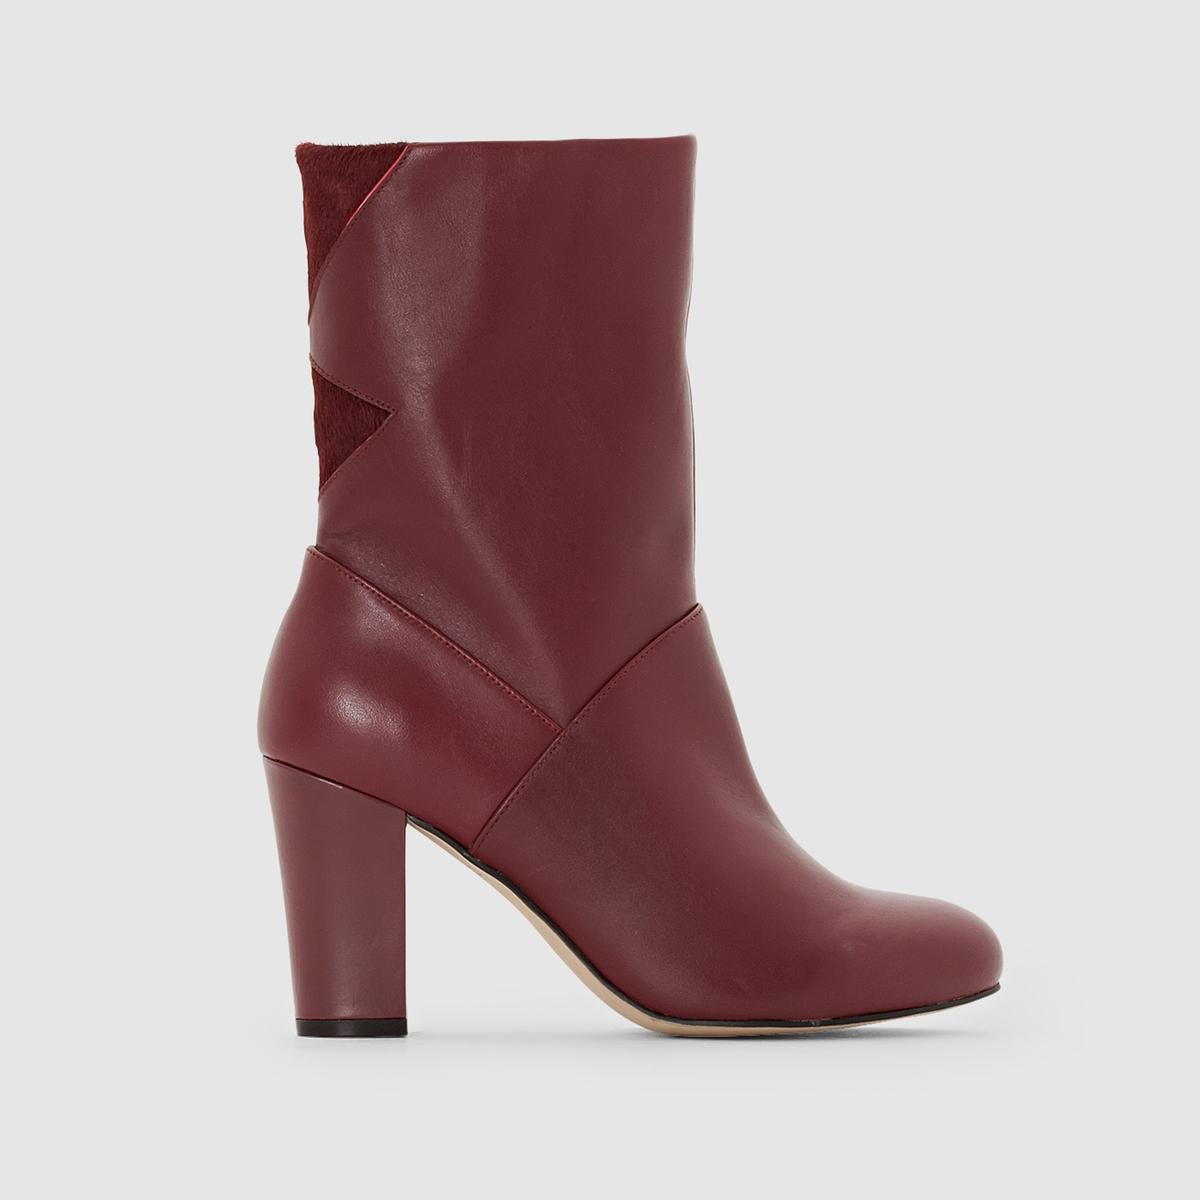 Сапоги кожаныеПреимущества :  сапоги на высоком каблуке из очень красивой кожи со вставками под замшу сзади никогда вас не разочаруют, независимо от вашего наряда<br><br>Цвет: бордовый,черный<br>Размер: 38.39.40.36.37.39.40